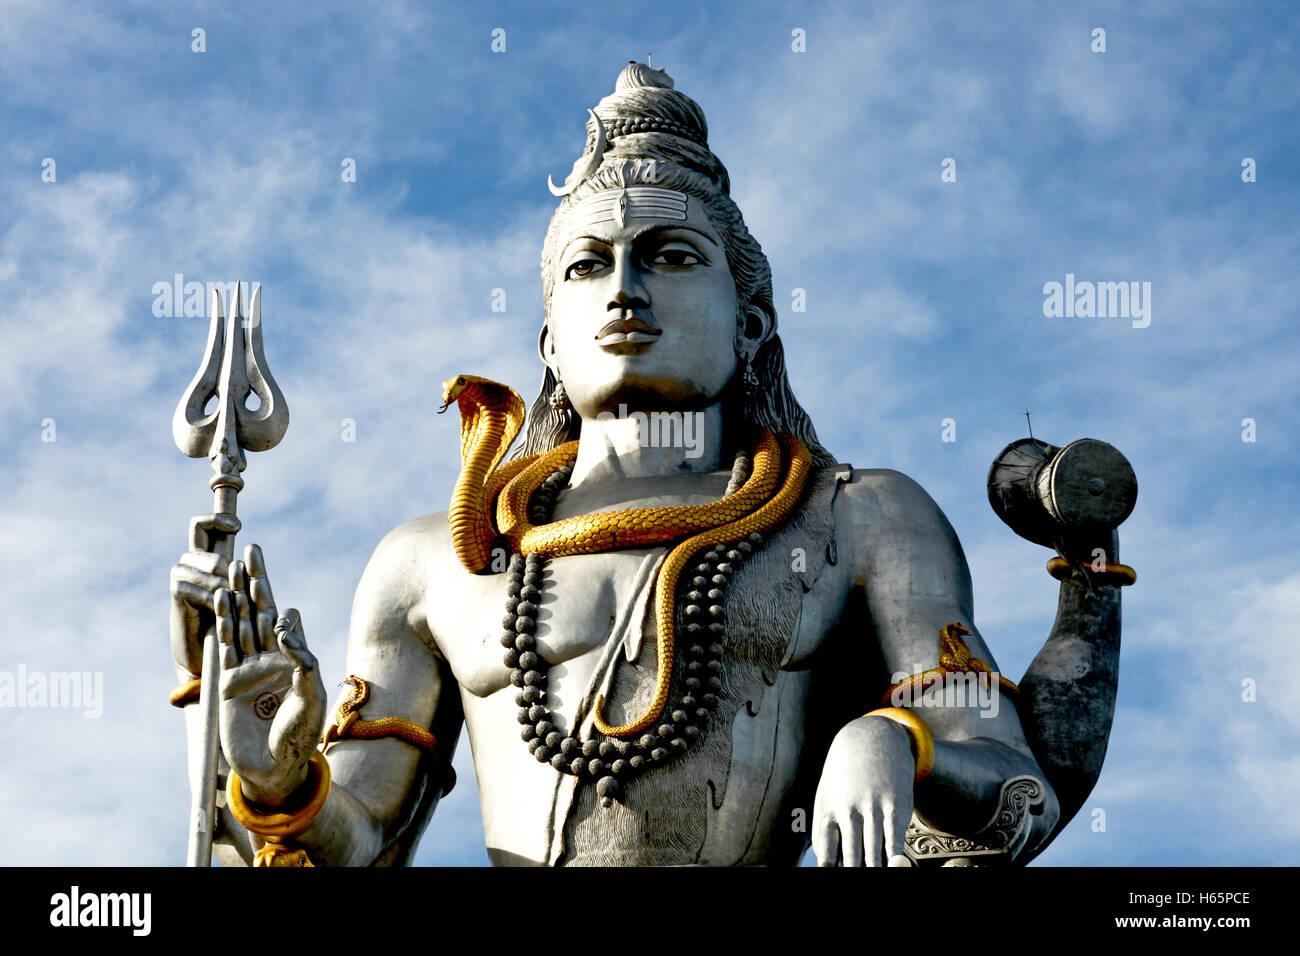 Statue of Lord Shiva at Murudeshwara temple in Karnataka - Stock Image